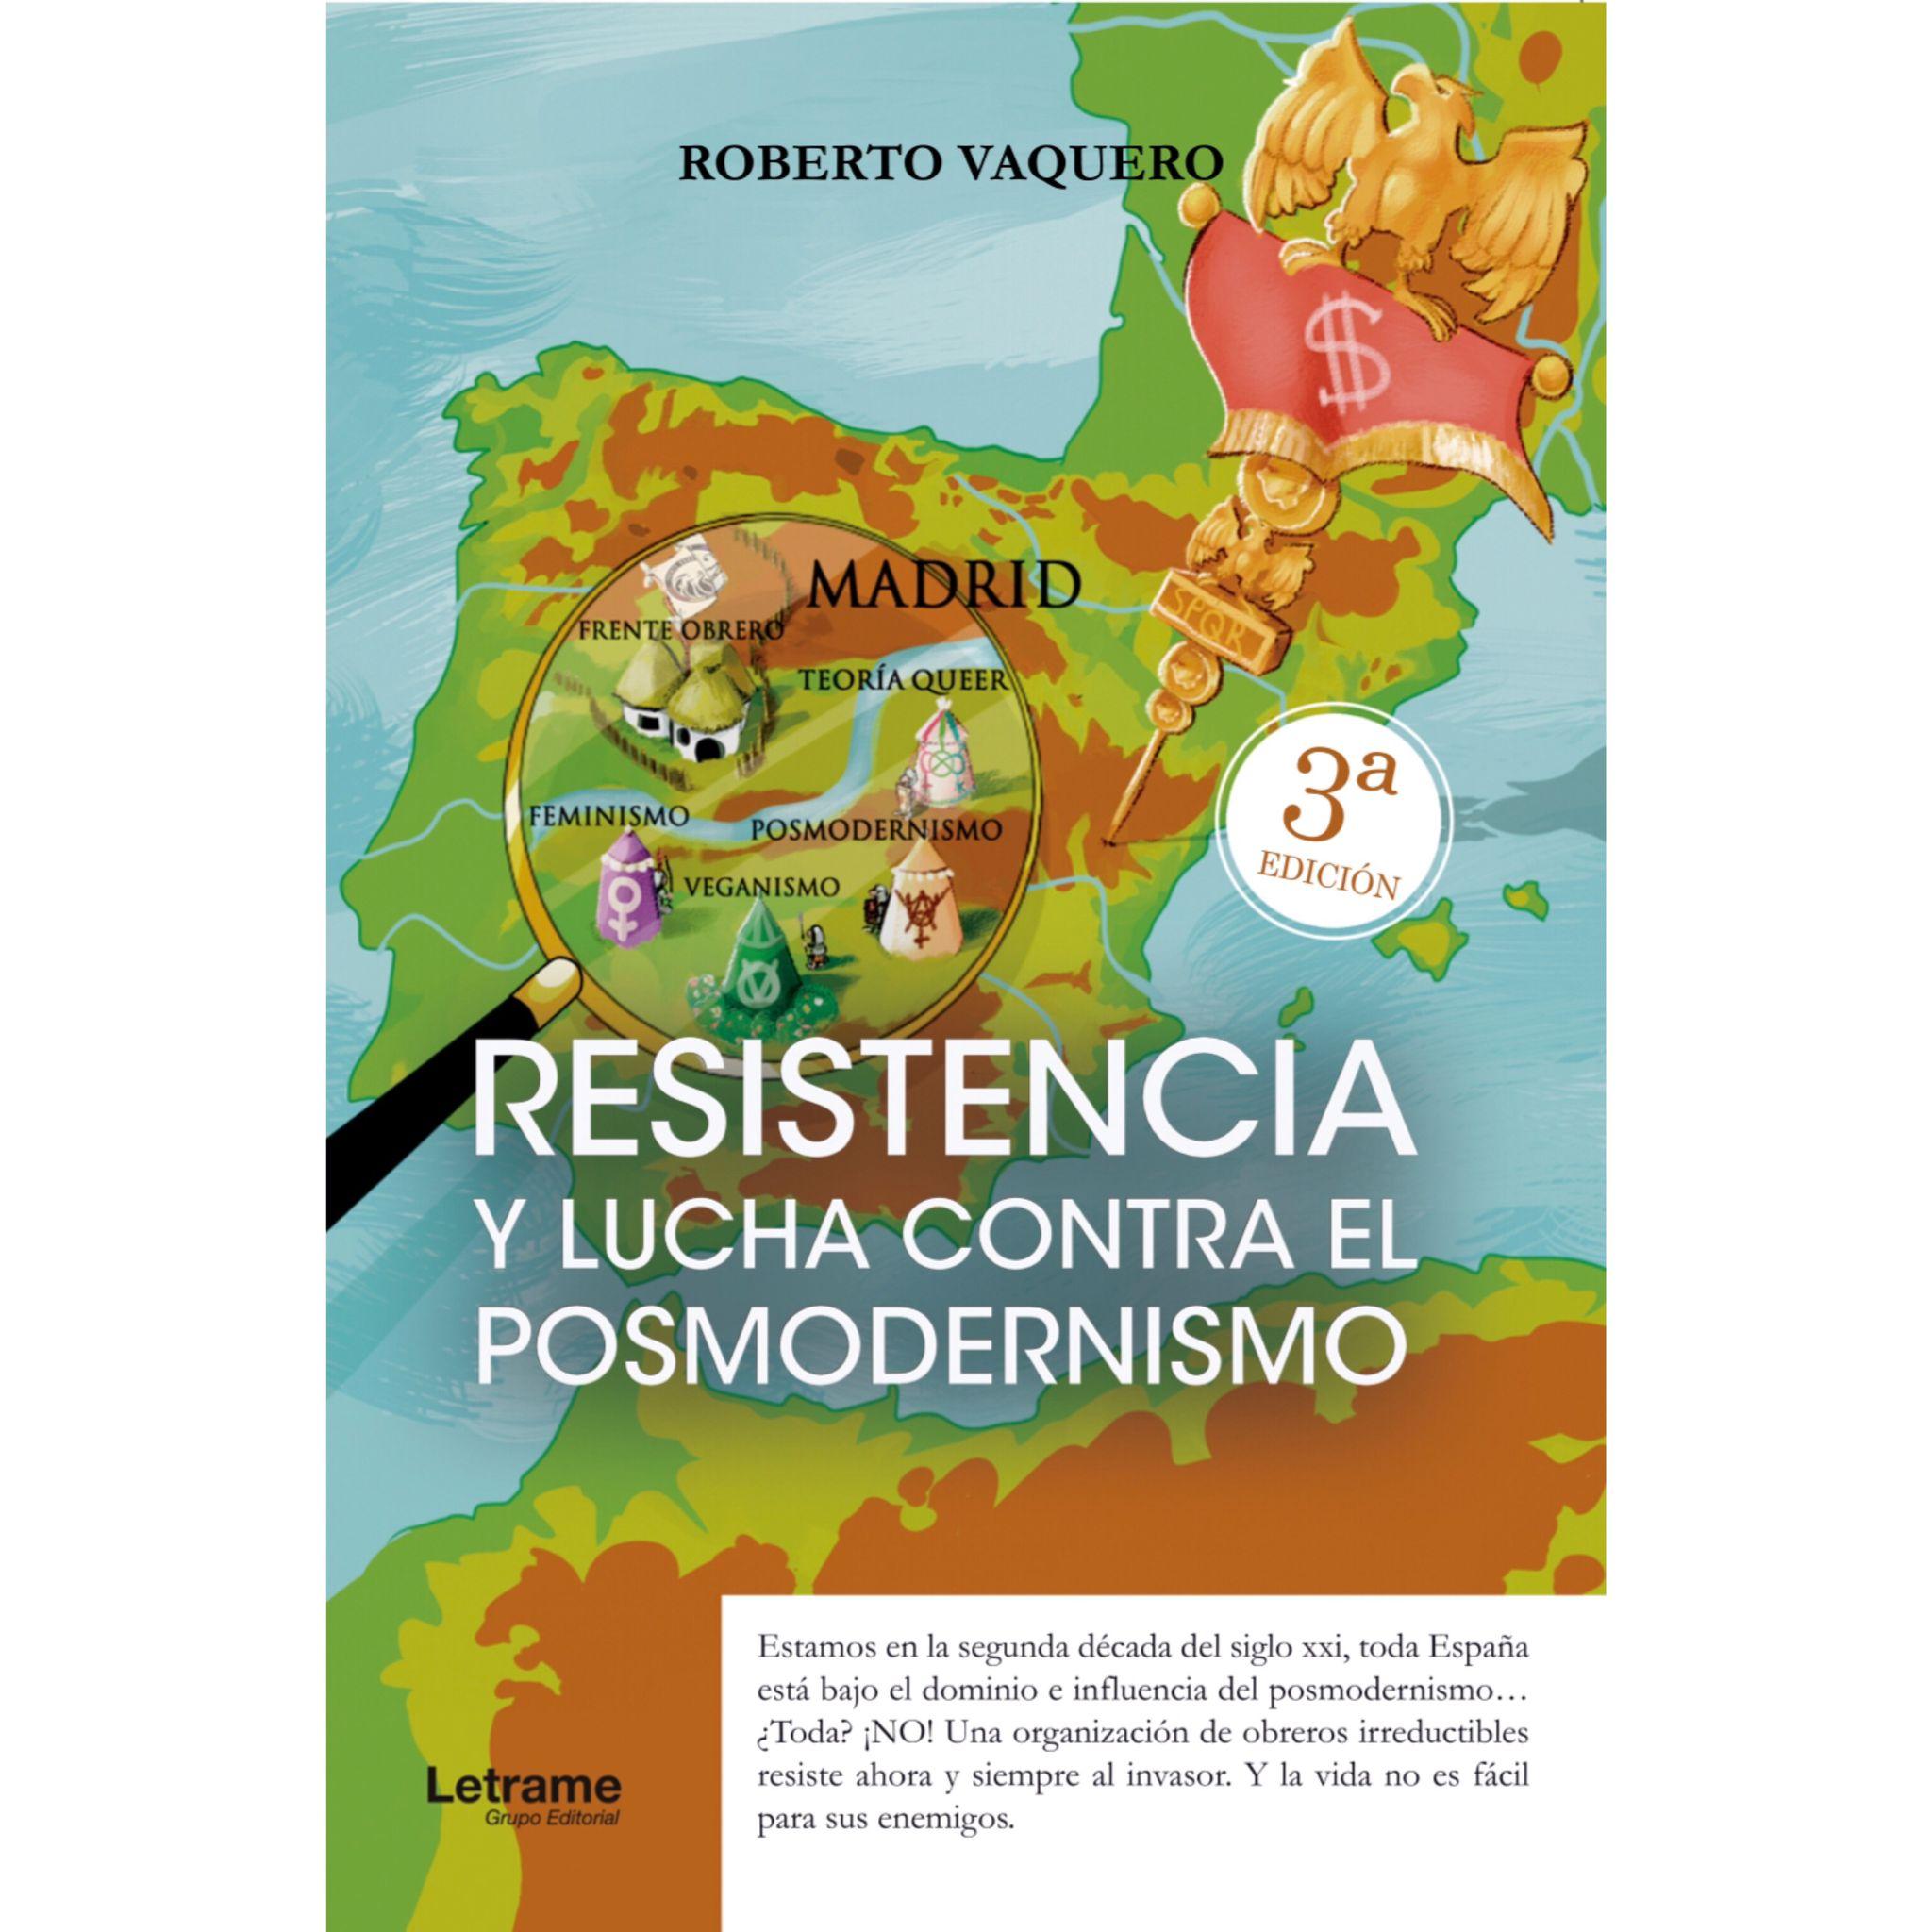 Resistencia y lucha contra el posmodernismo – 3ª EDICIÓN – Ebook.